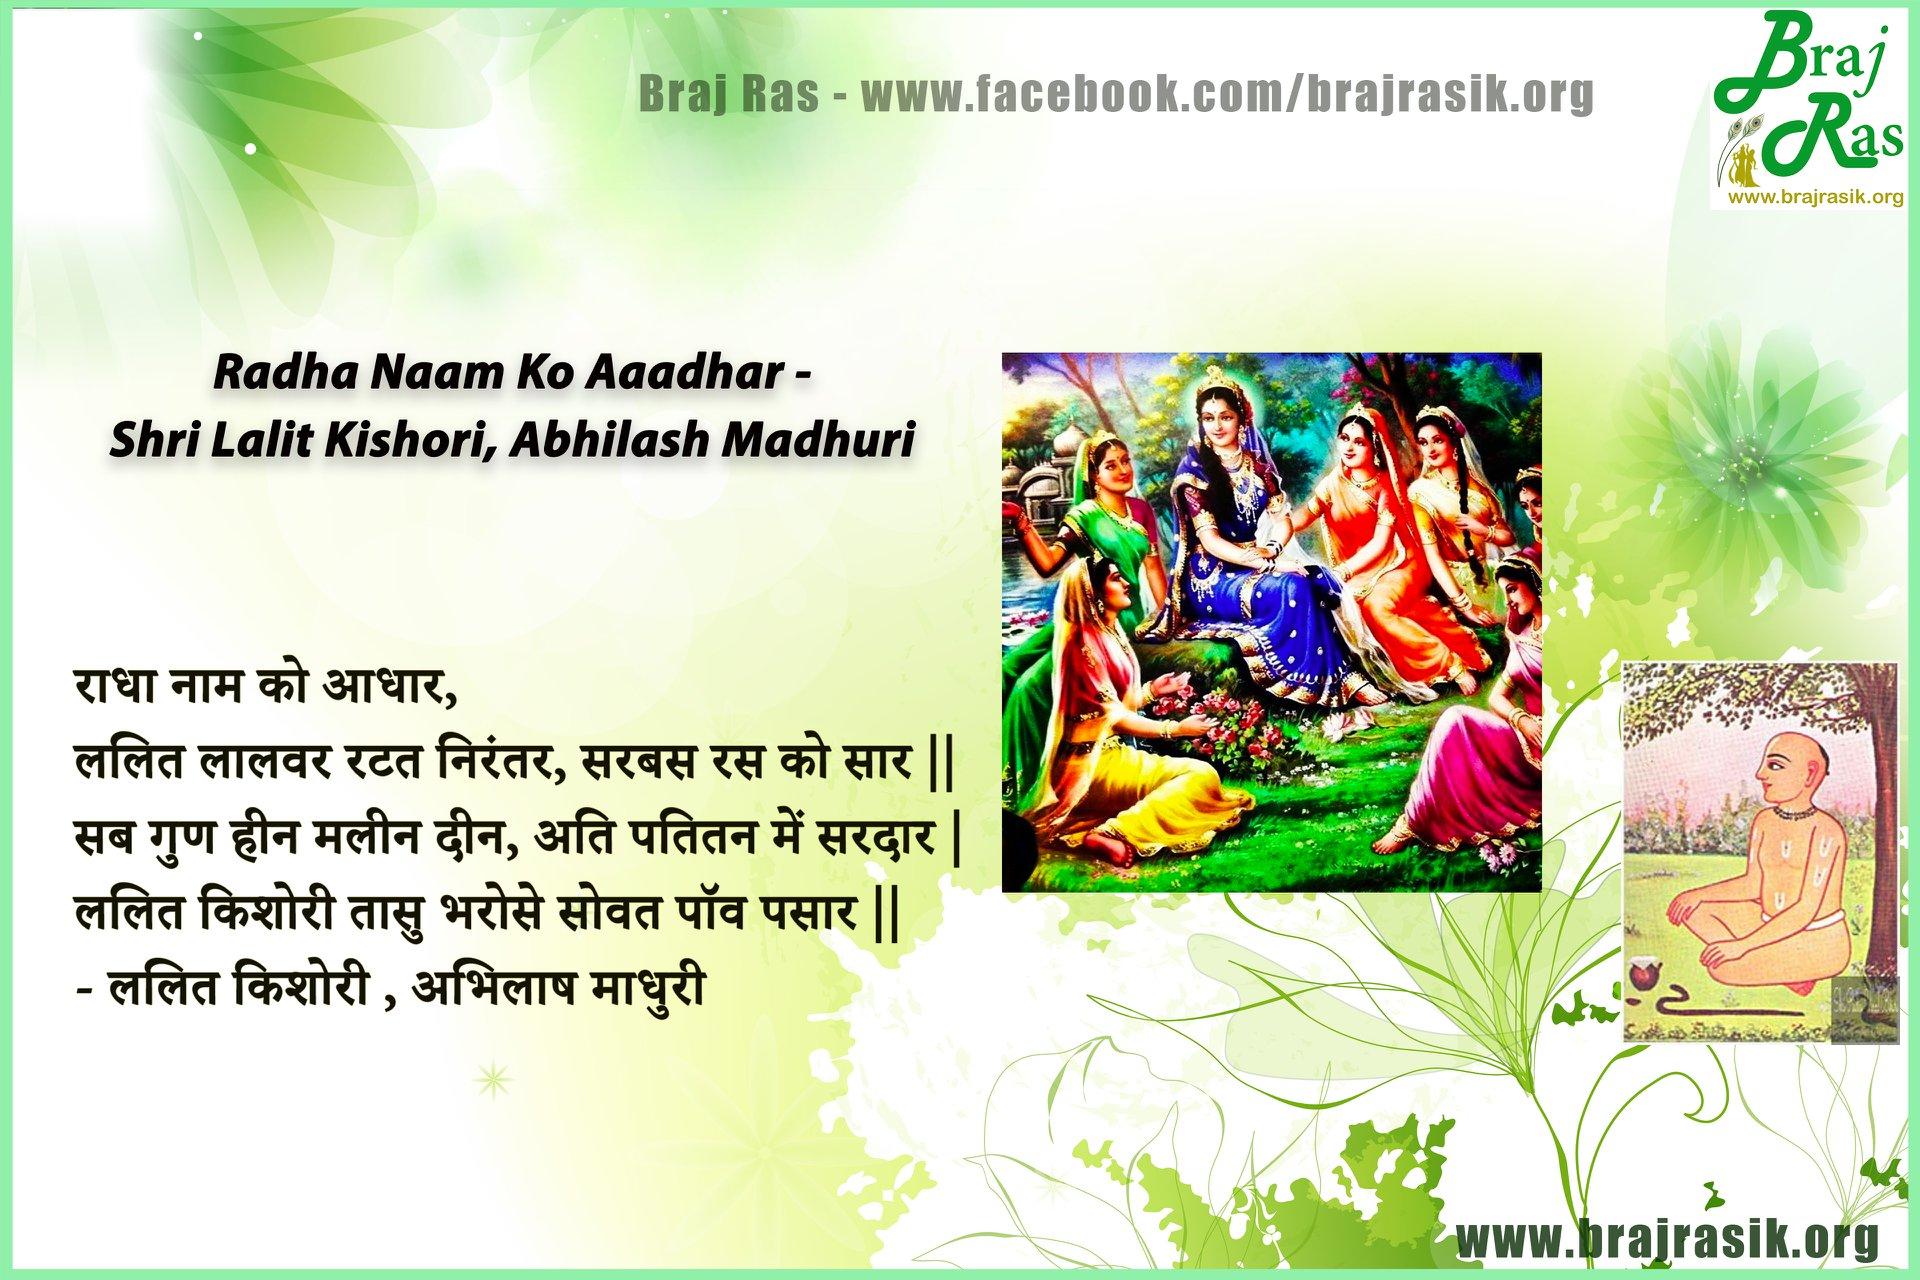 Radha Naam Ko Aadhar - Shri Lalit Kishori Abhilash Madhuri